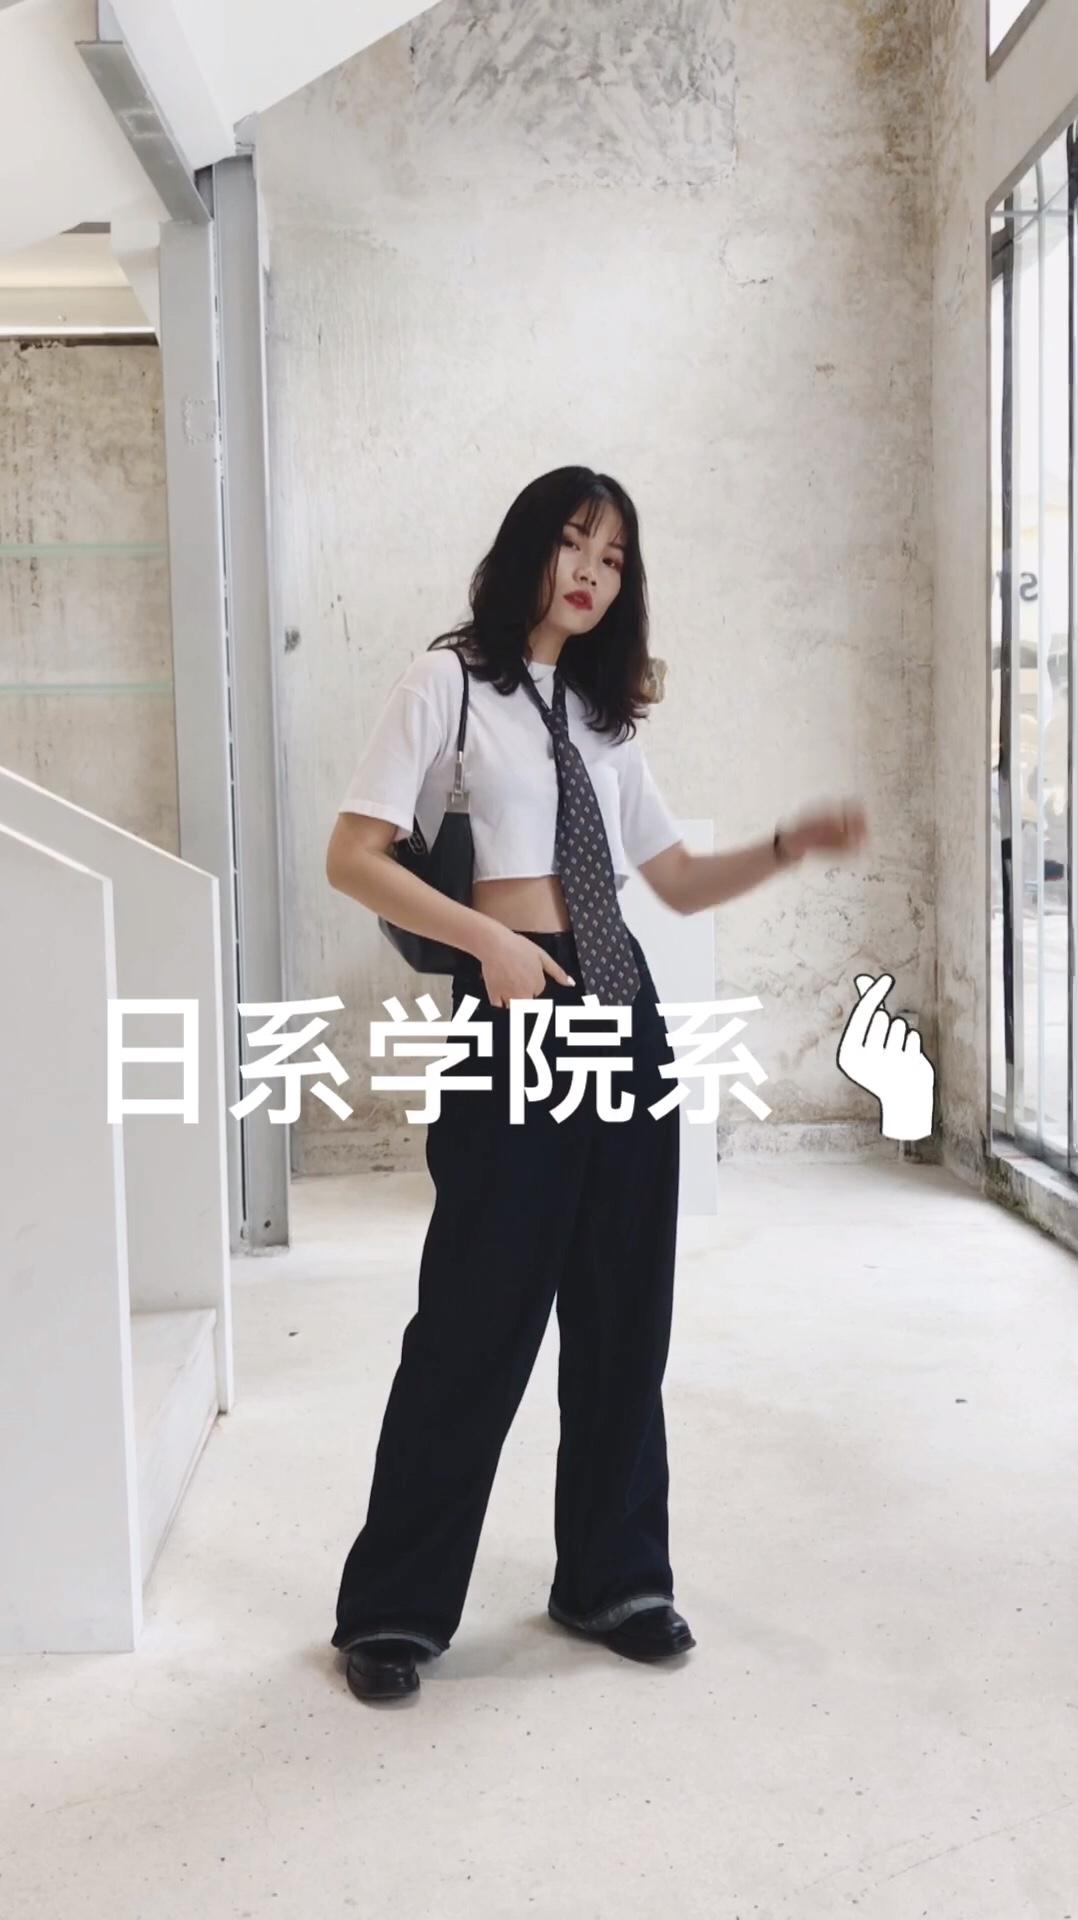 #懒得撑伞,我有晒不黑穿搭# 超酷的日系学姐风 短款白T搭配牛仔阔腿裤